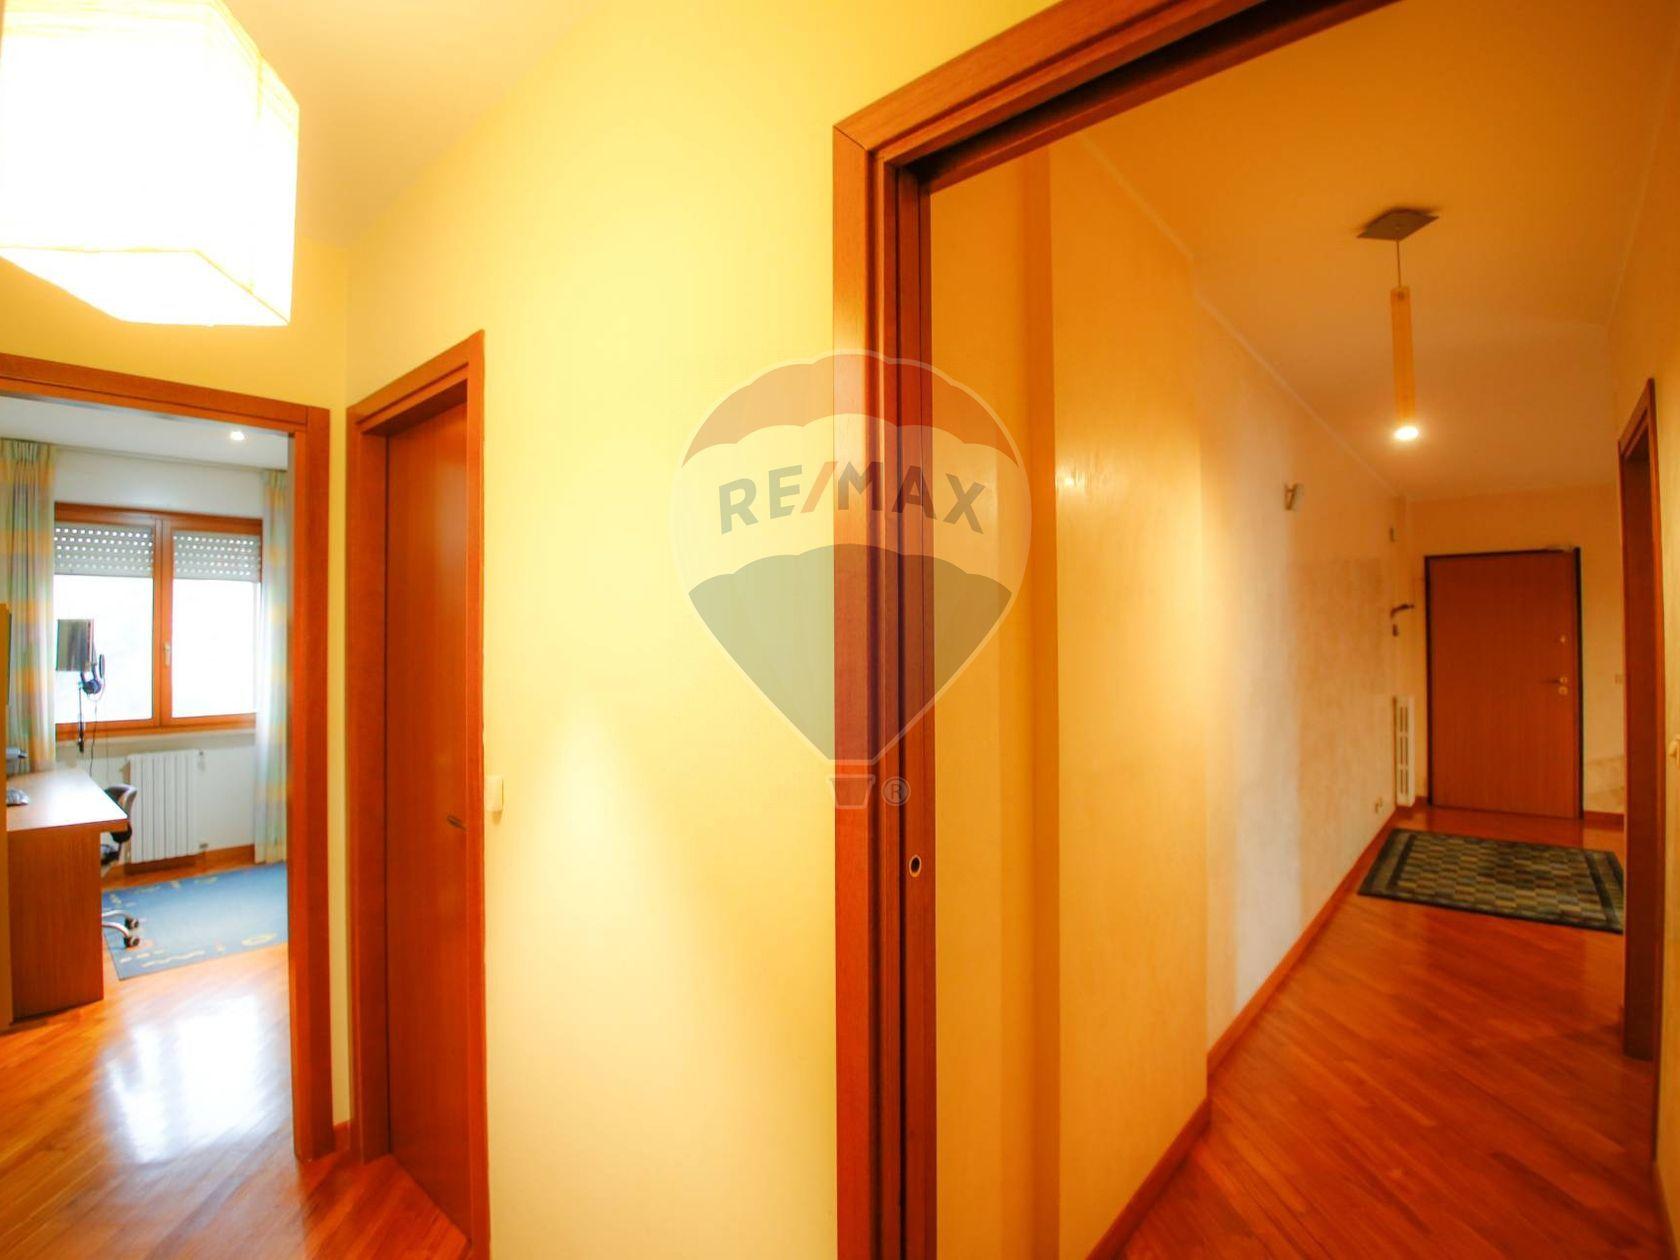 Appartamento Filippone, Chieti, CH Vendita - Foto 11